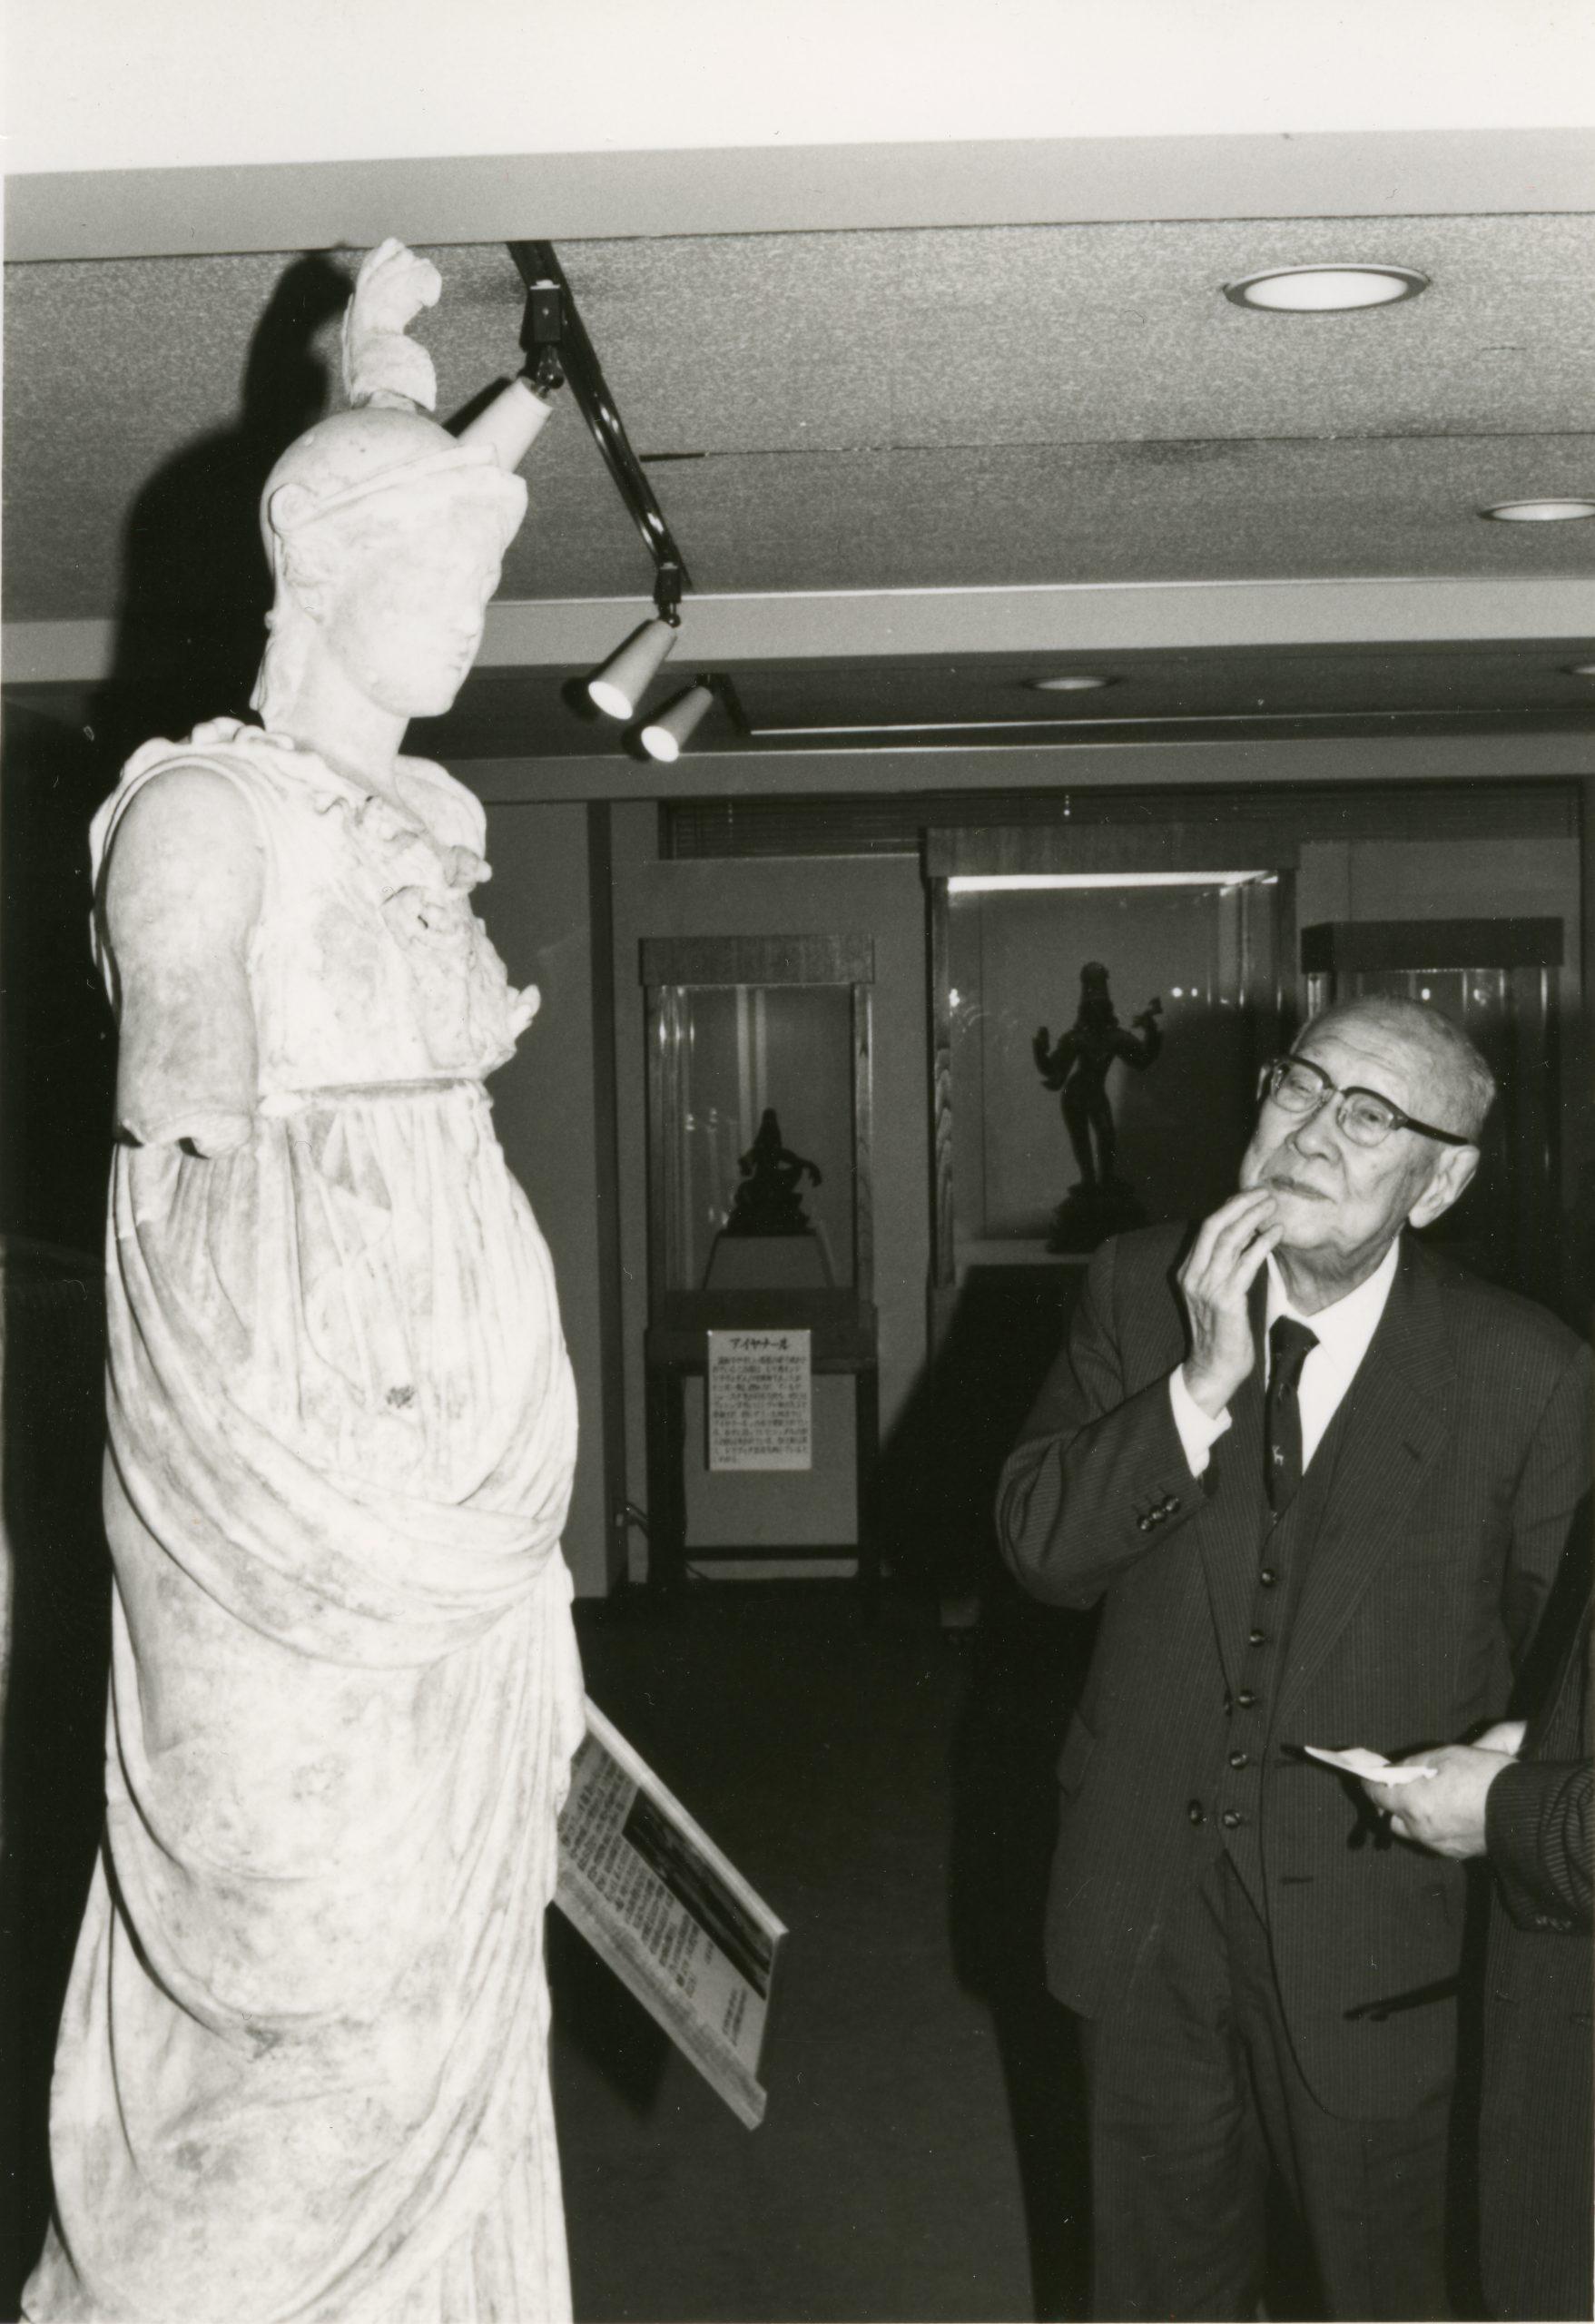 松岡清次郎 1894-1989